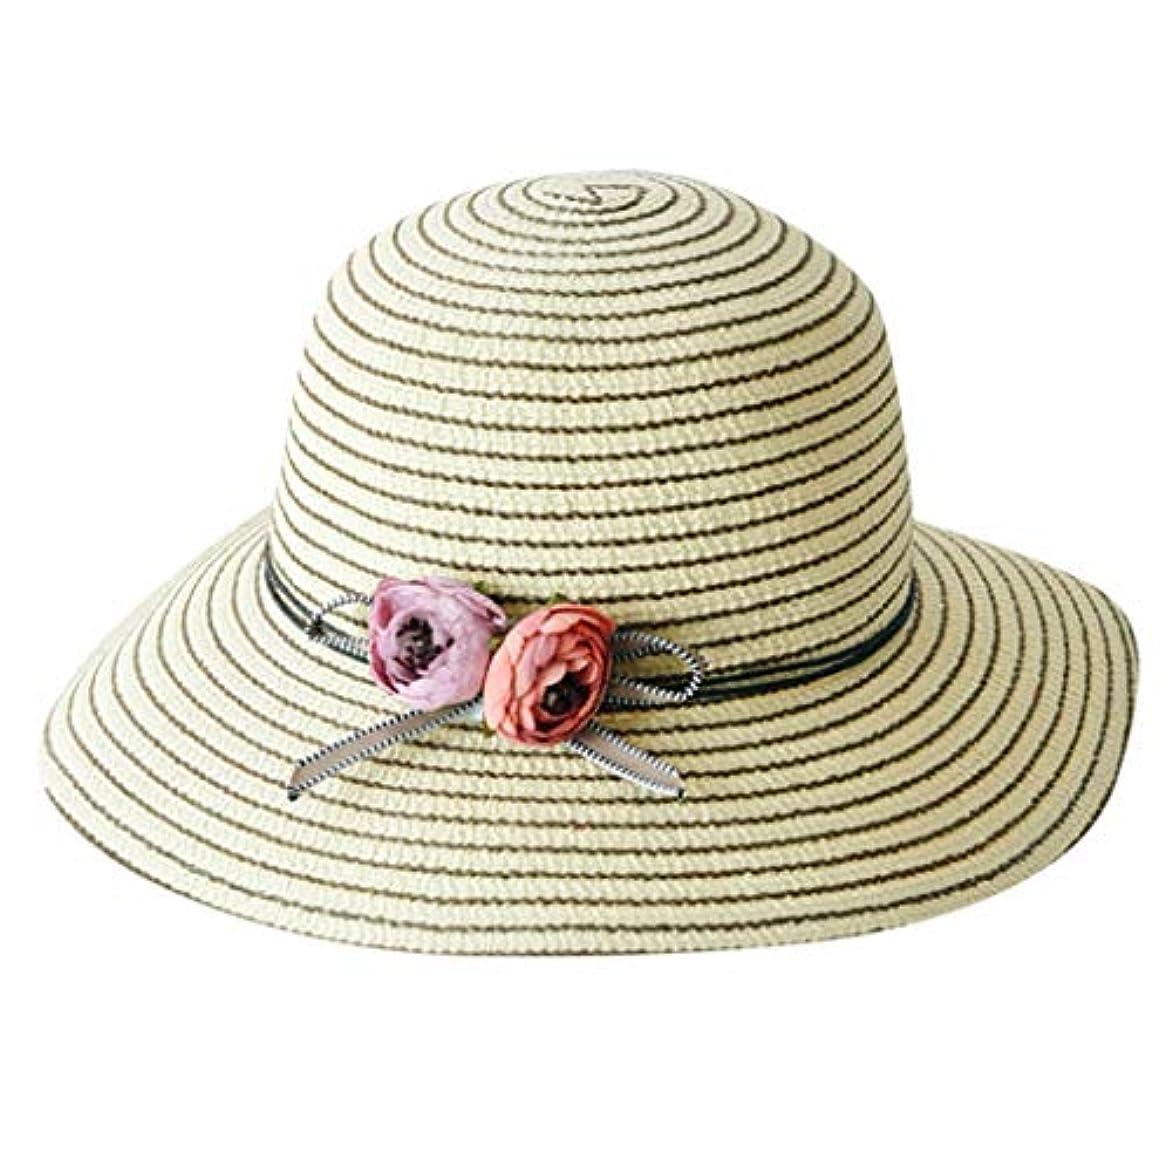 無条件マージンスタック帽子 レディース 漁師帽 夏 UVカット 帽子 綿糸 ハット レディース 紫外線100%カット UV ハット 可愛い 小顔効果抜群 日よけ 折りたたみ つば広 小顔効果抜群 折りたたみ 海 旅行 ROSE ROMAN